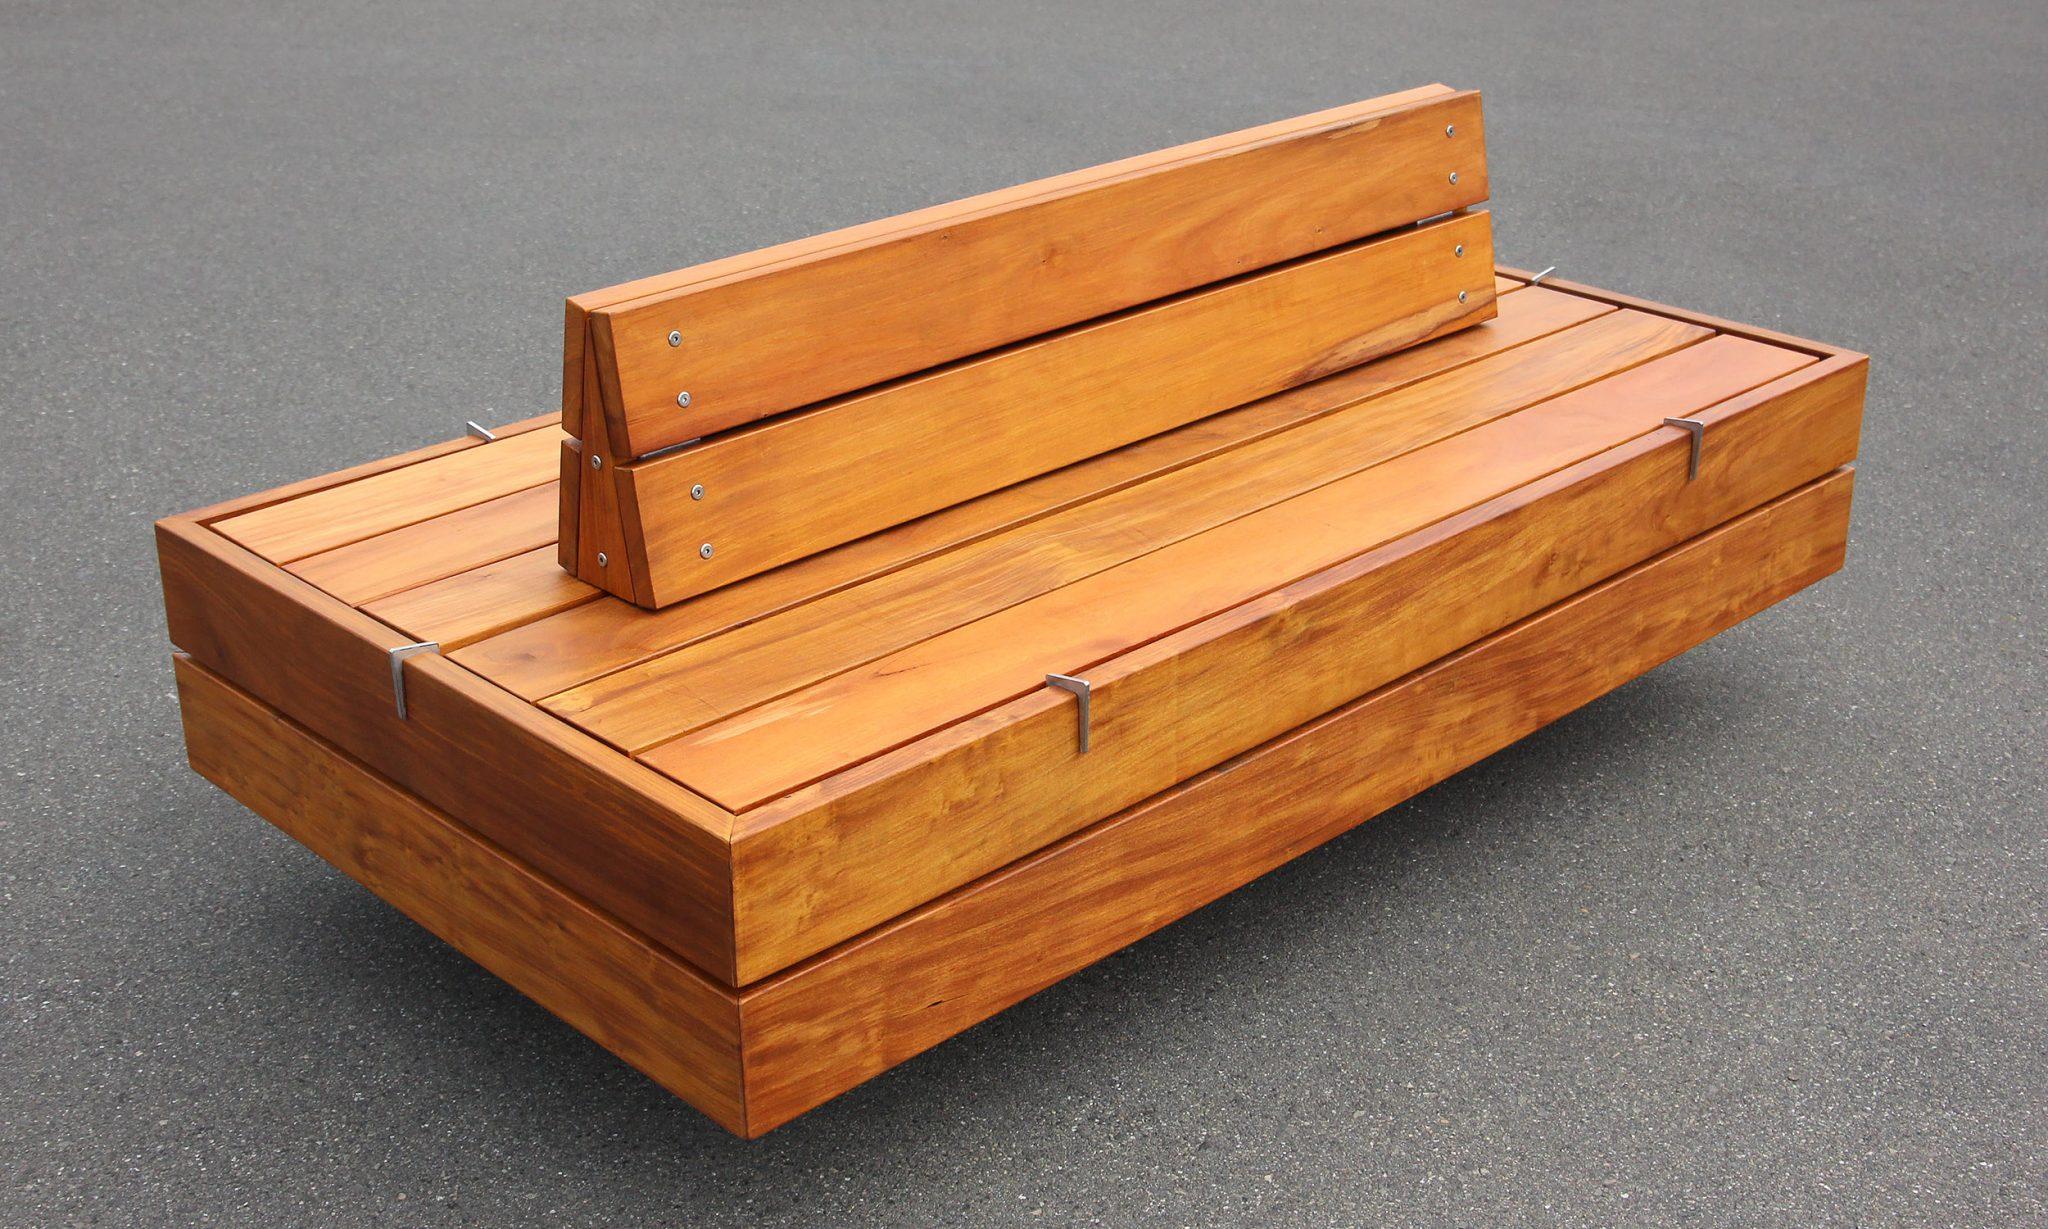 Plaza Platform with optional back rest